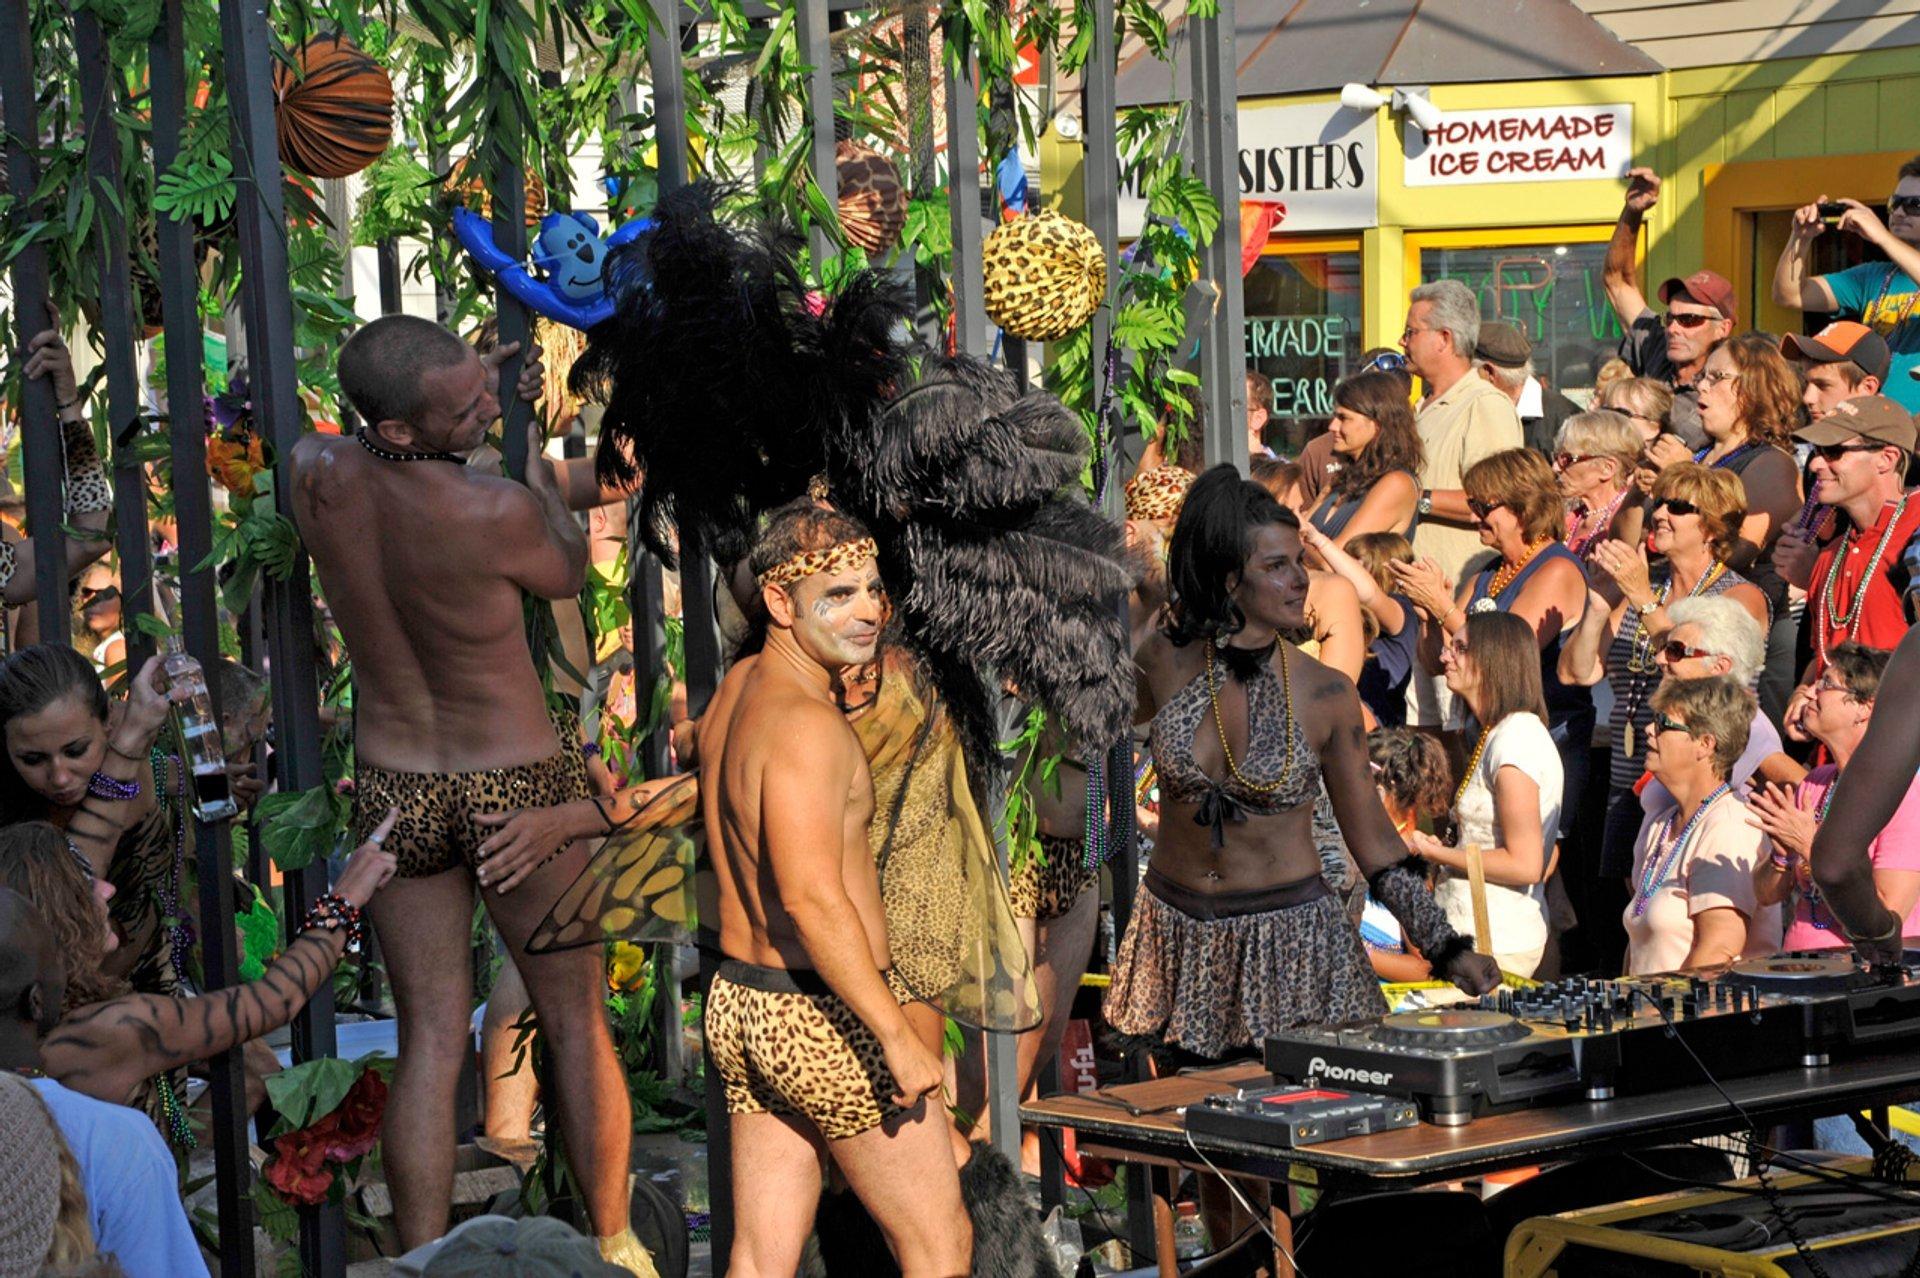 Provincetown Carnival Week in Massachusetts - Best Season 2019